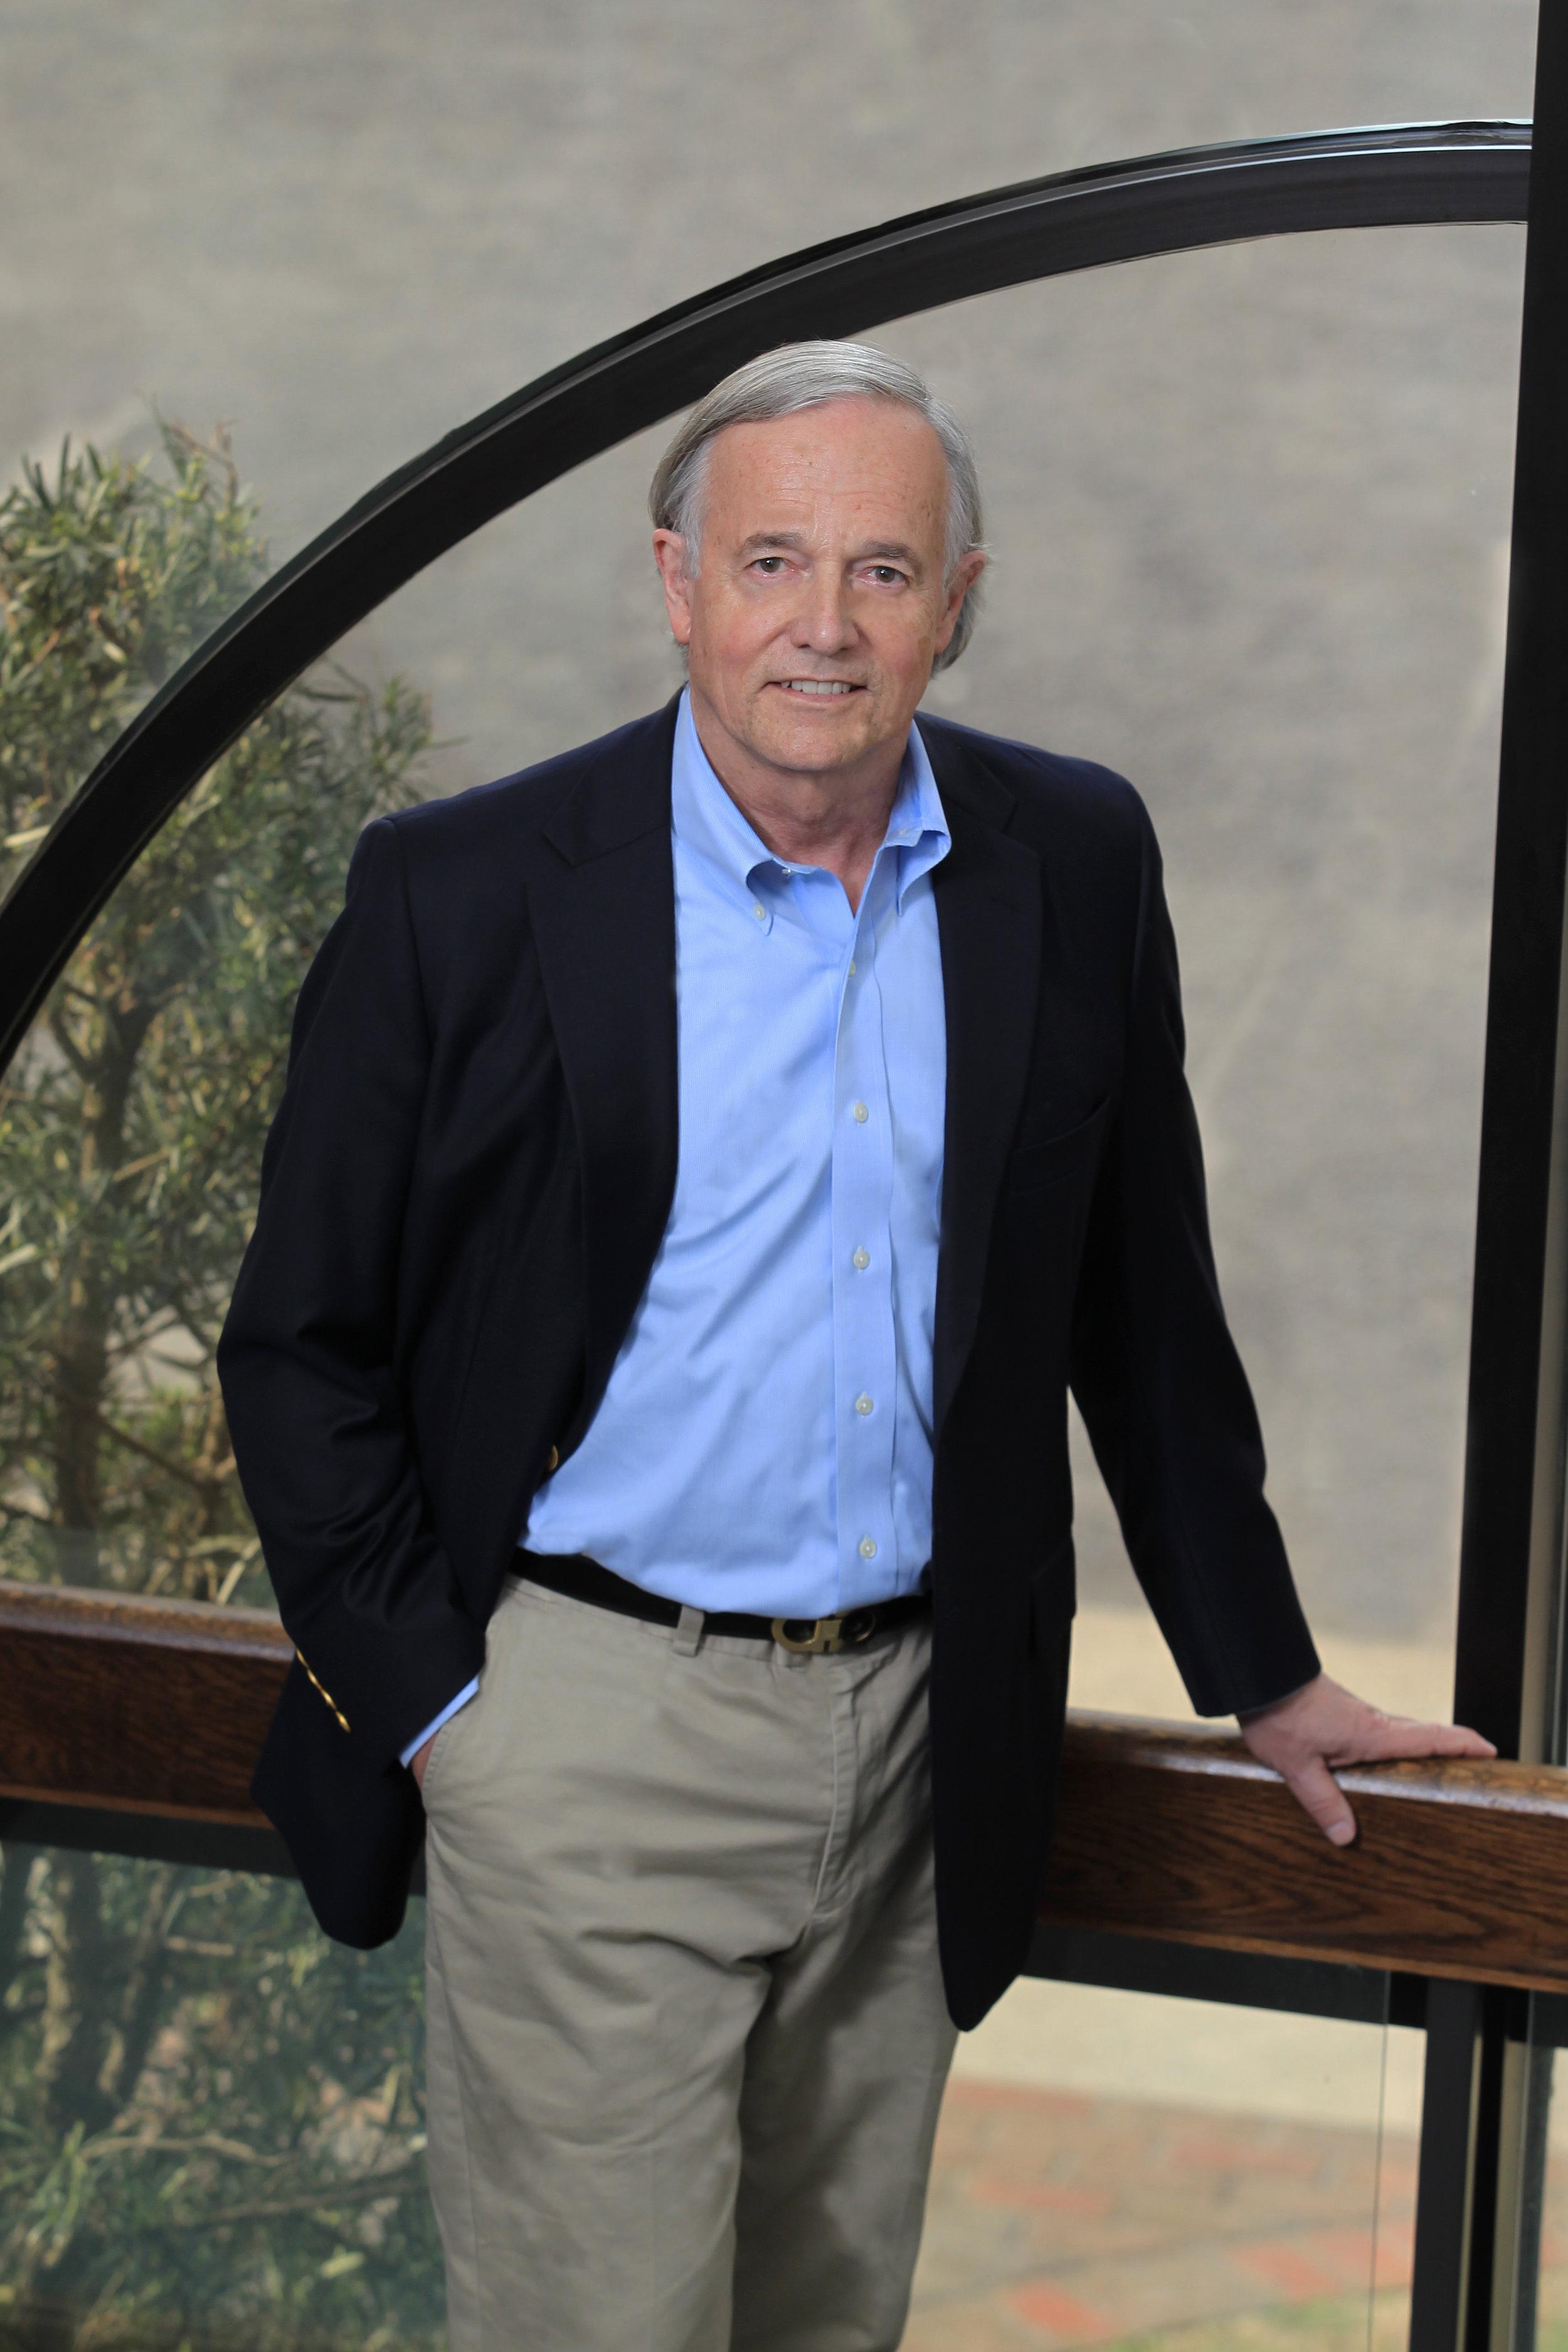 Thomas F Taft Sr CEO President Taft Family Ventures.jpg